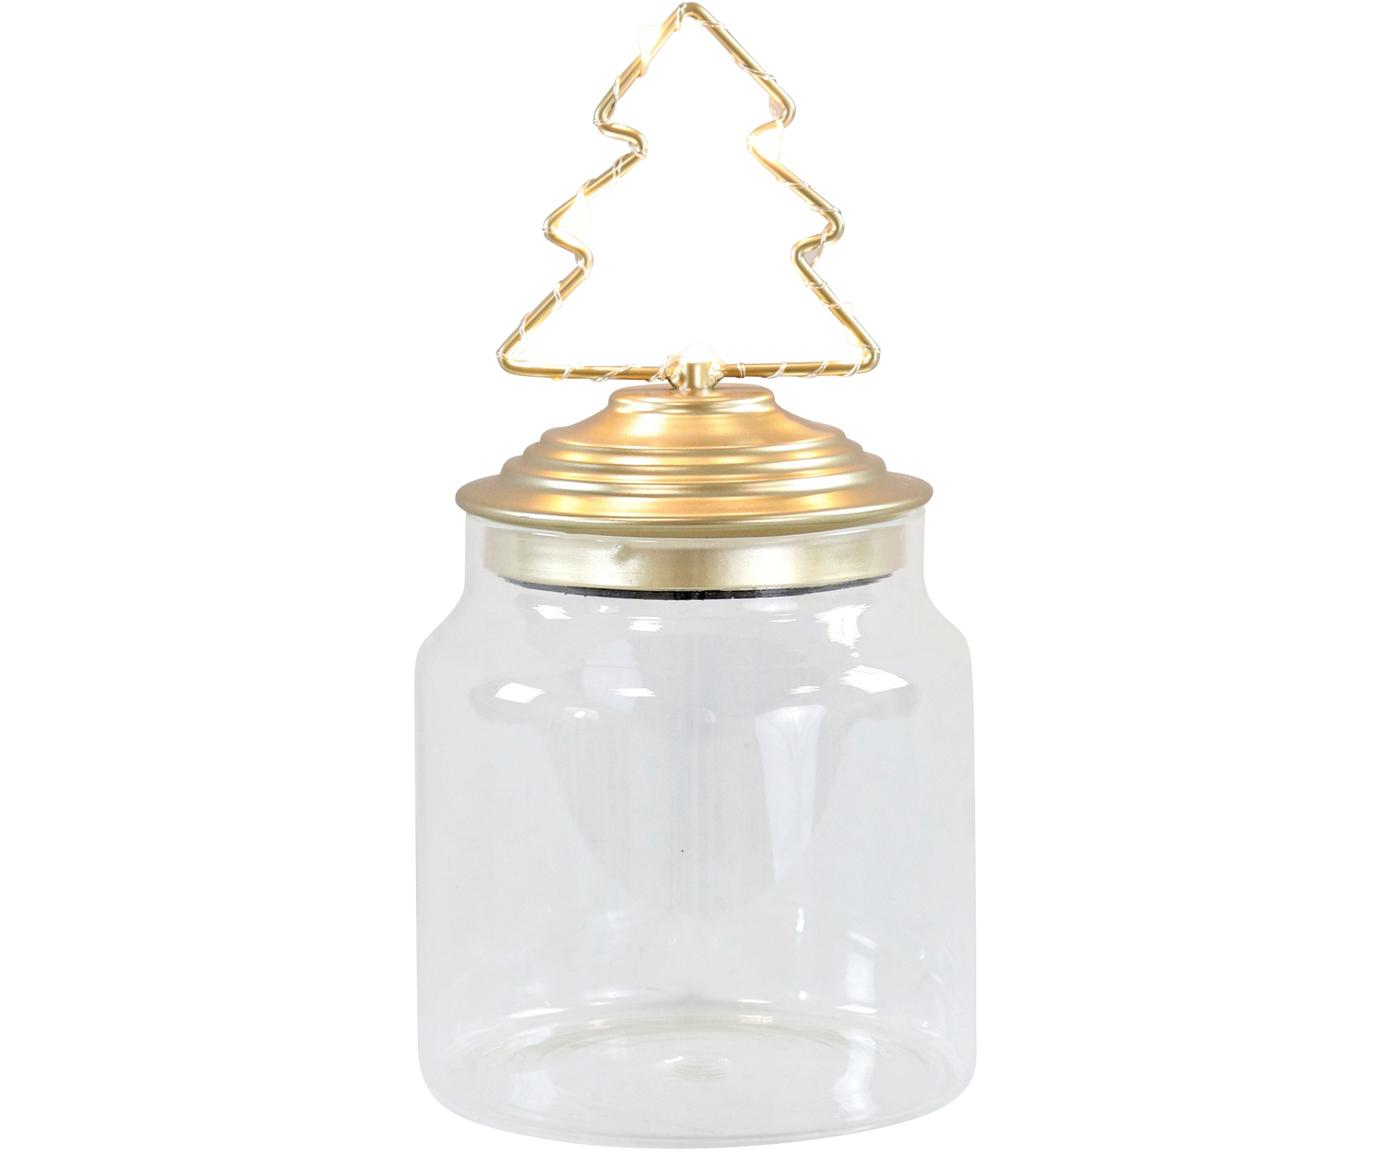 Pojemnik do przechowywania LED Tree, Transparentny, odcienie złotego, Ø 11 x W 15 cm